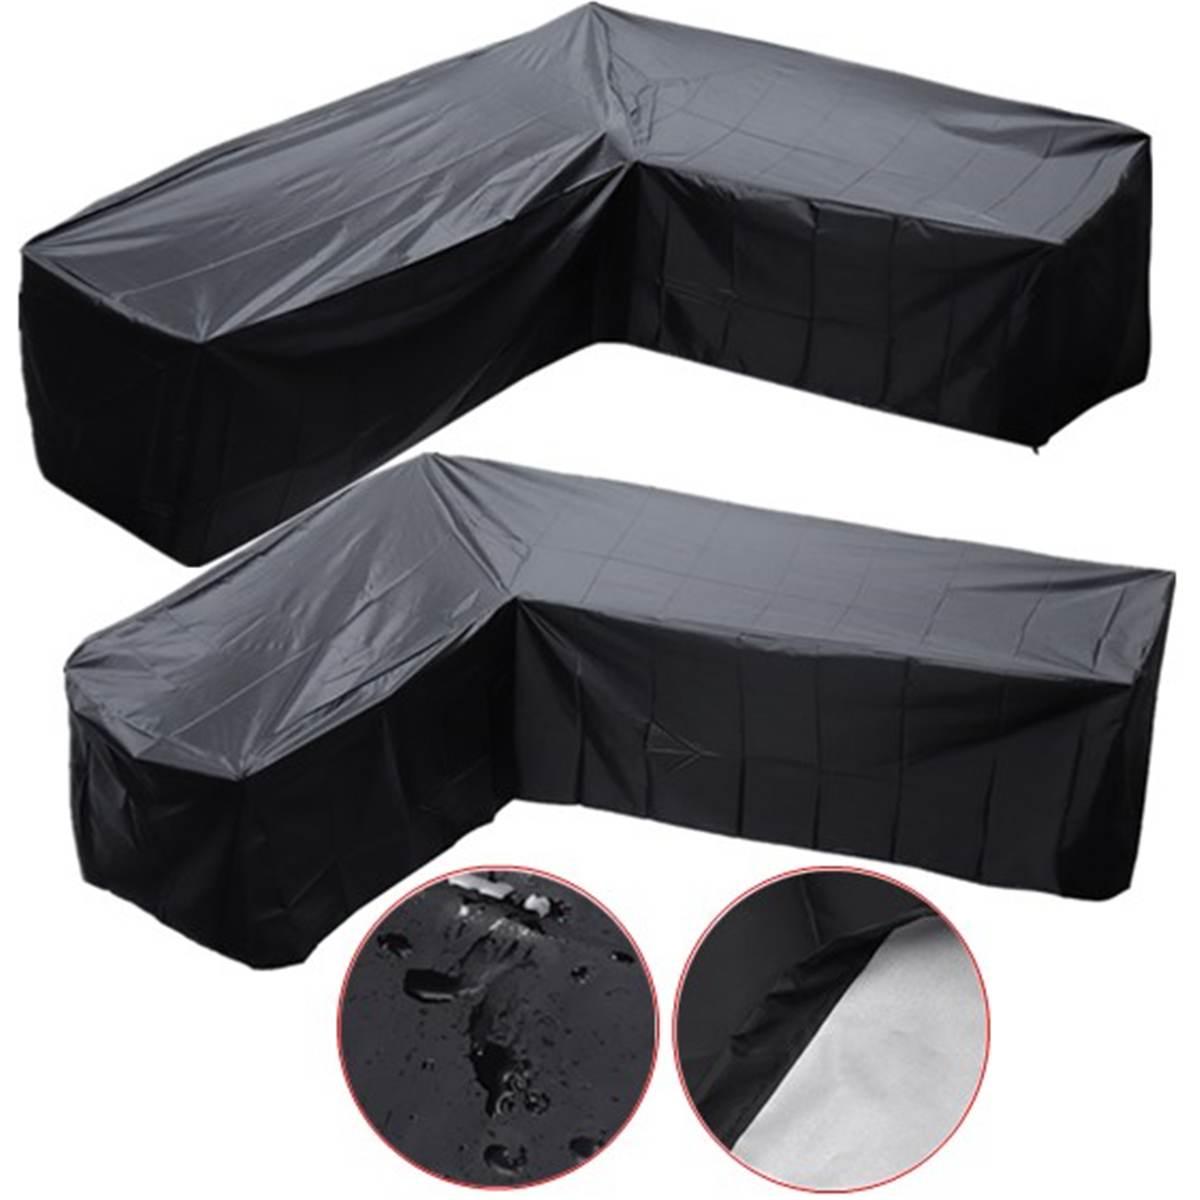 Housse de canapé d'angle en forme de L pour intérieur balcon Patio jardin housse de mobilier d'extérieur imperméable à l'eau